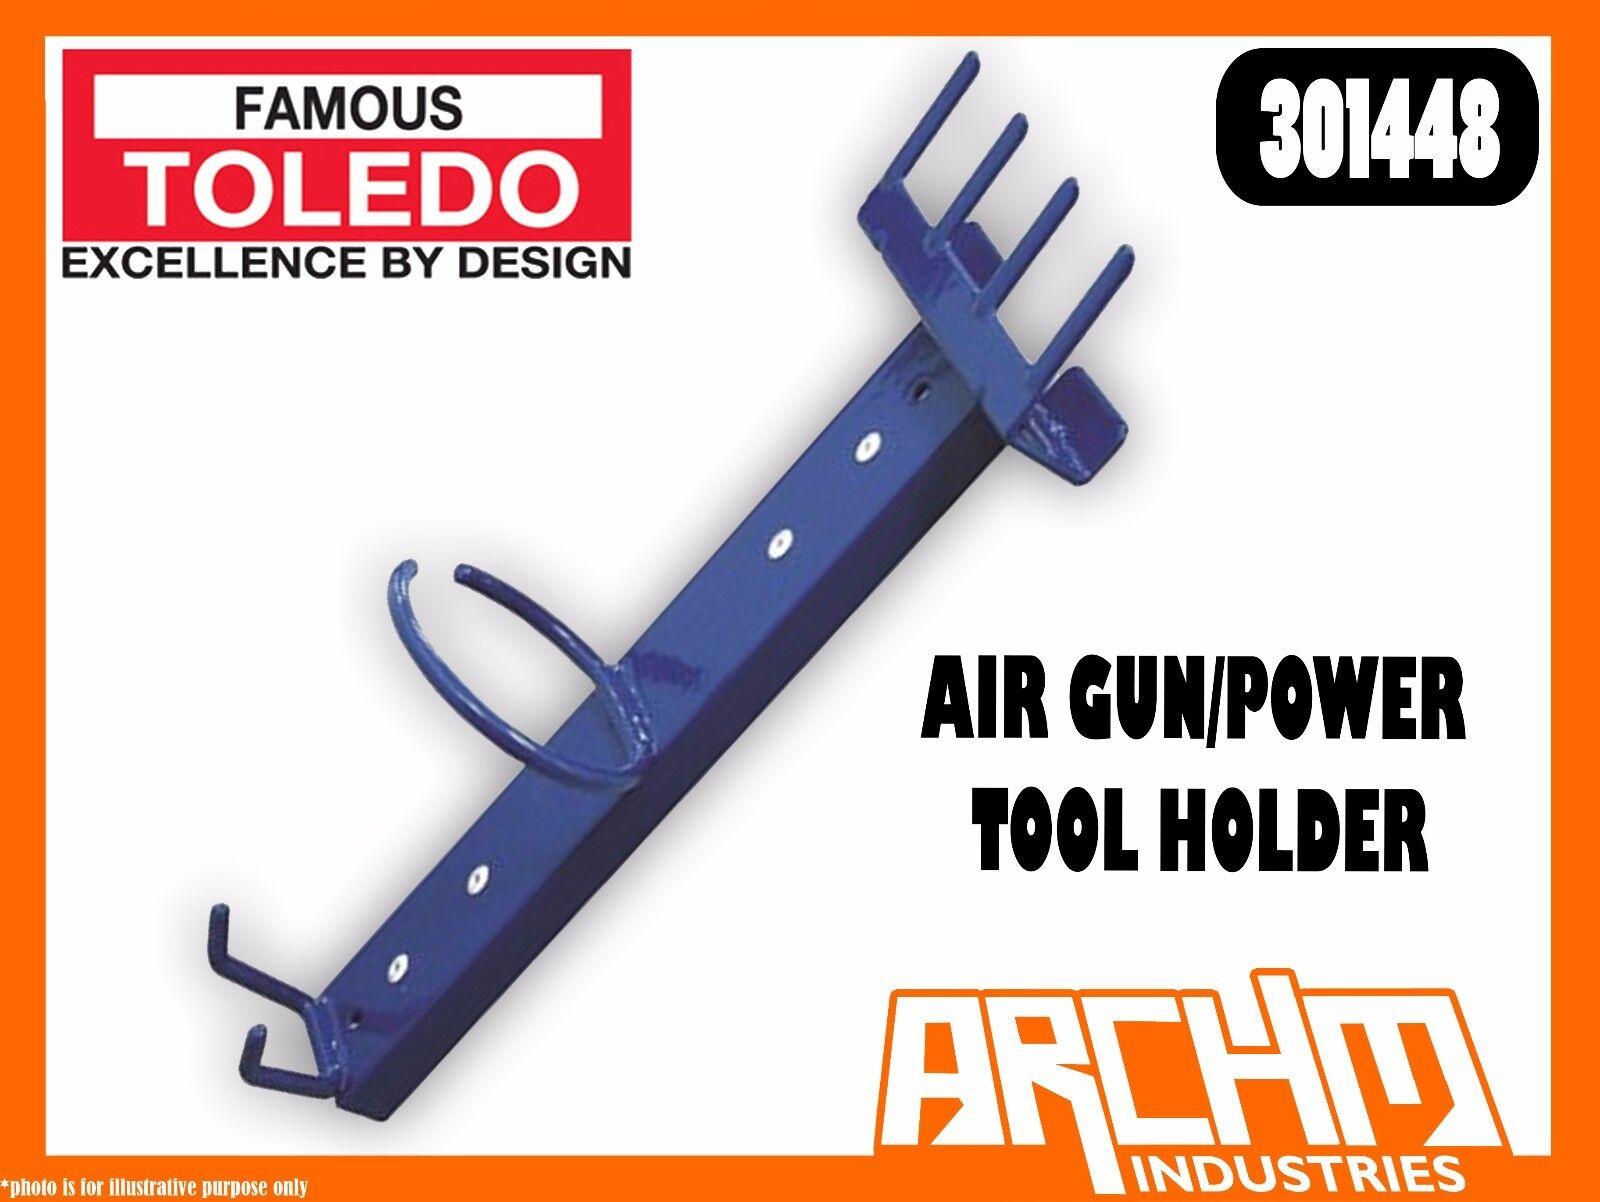 TOLEDO 301448 - AIR GUN POWER TOOL HOLDER - STEEL PVC DIPPED FRAME MAGNETIC